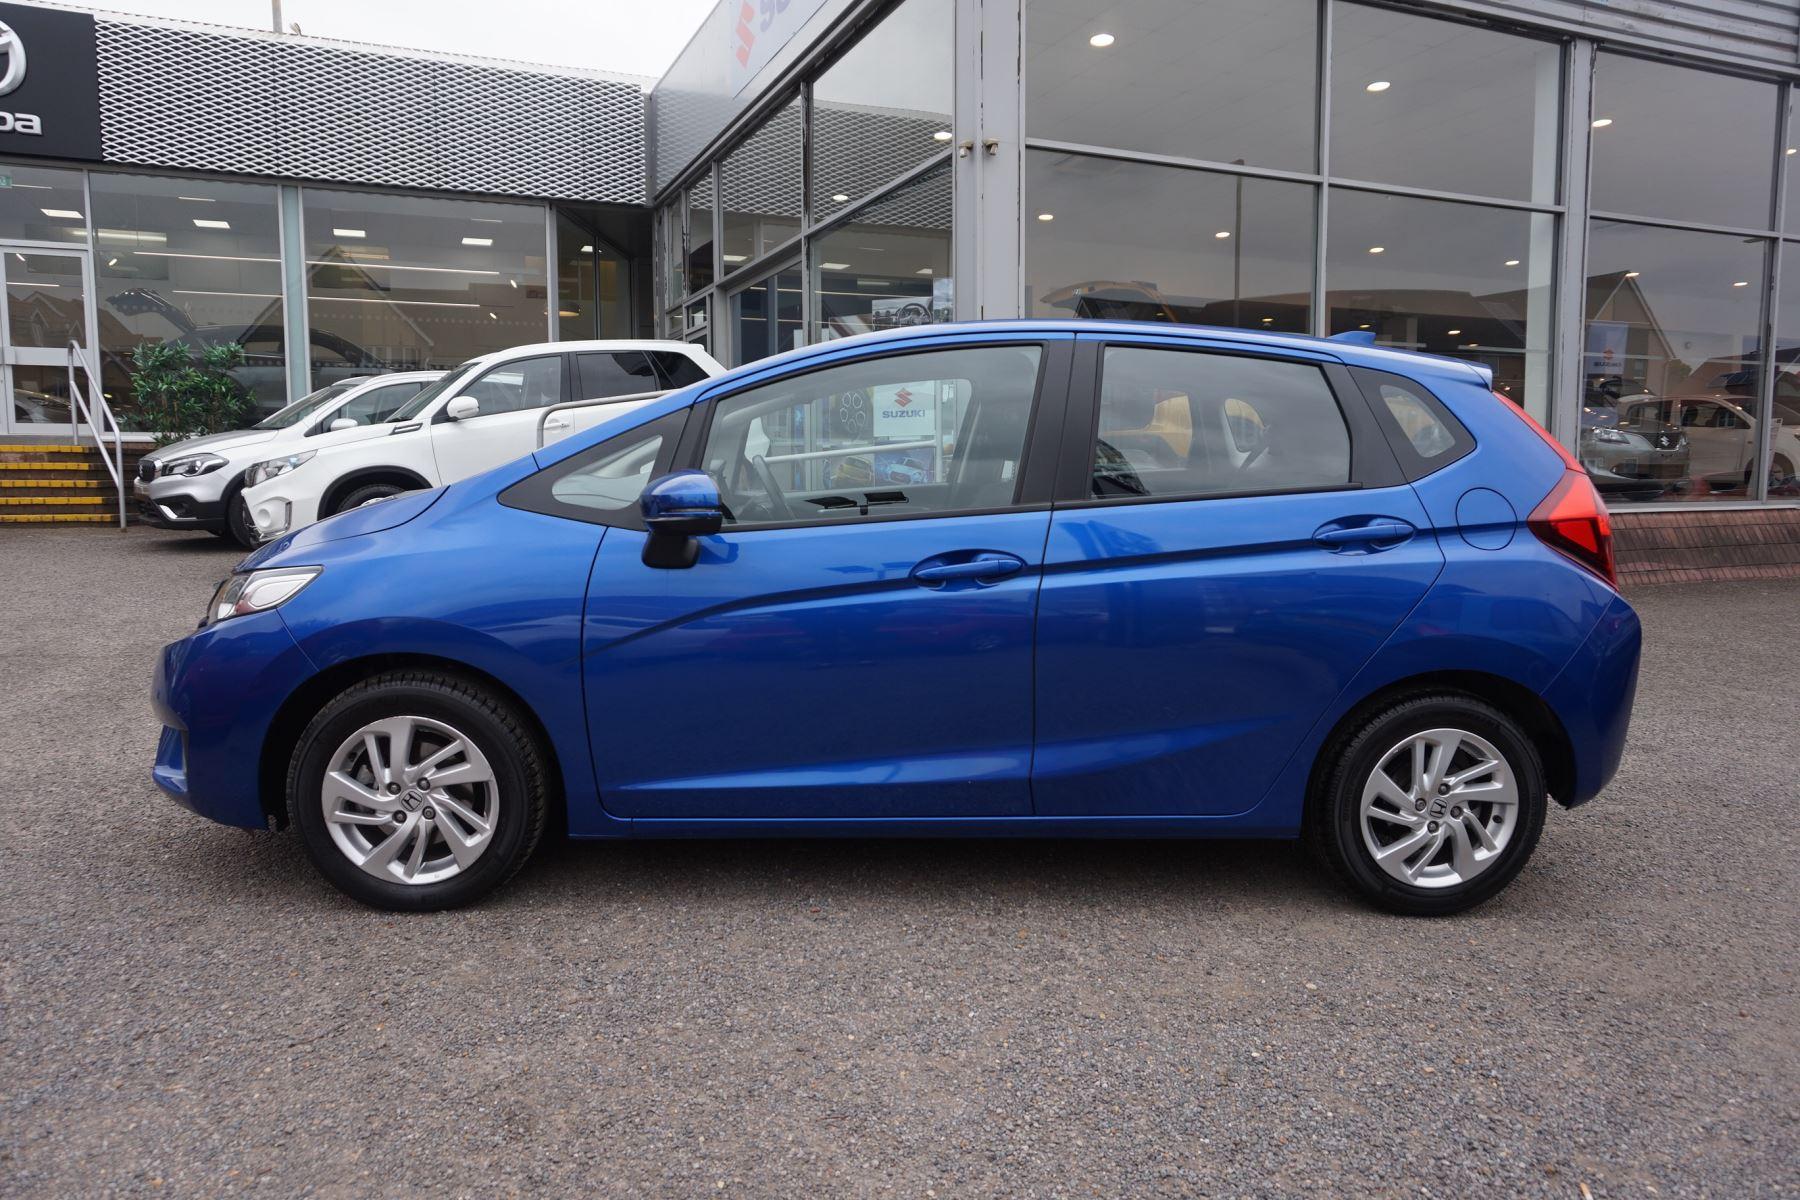 Honda Jazz 1.3 SE Navi CVT image 3